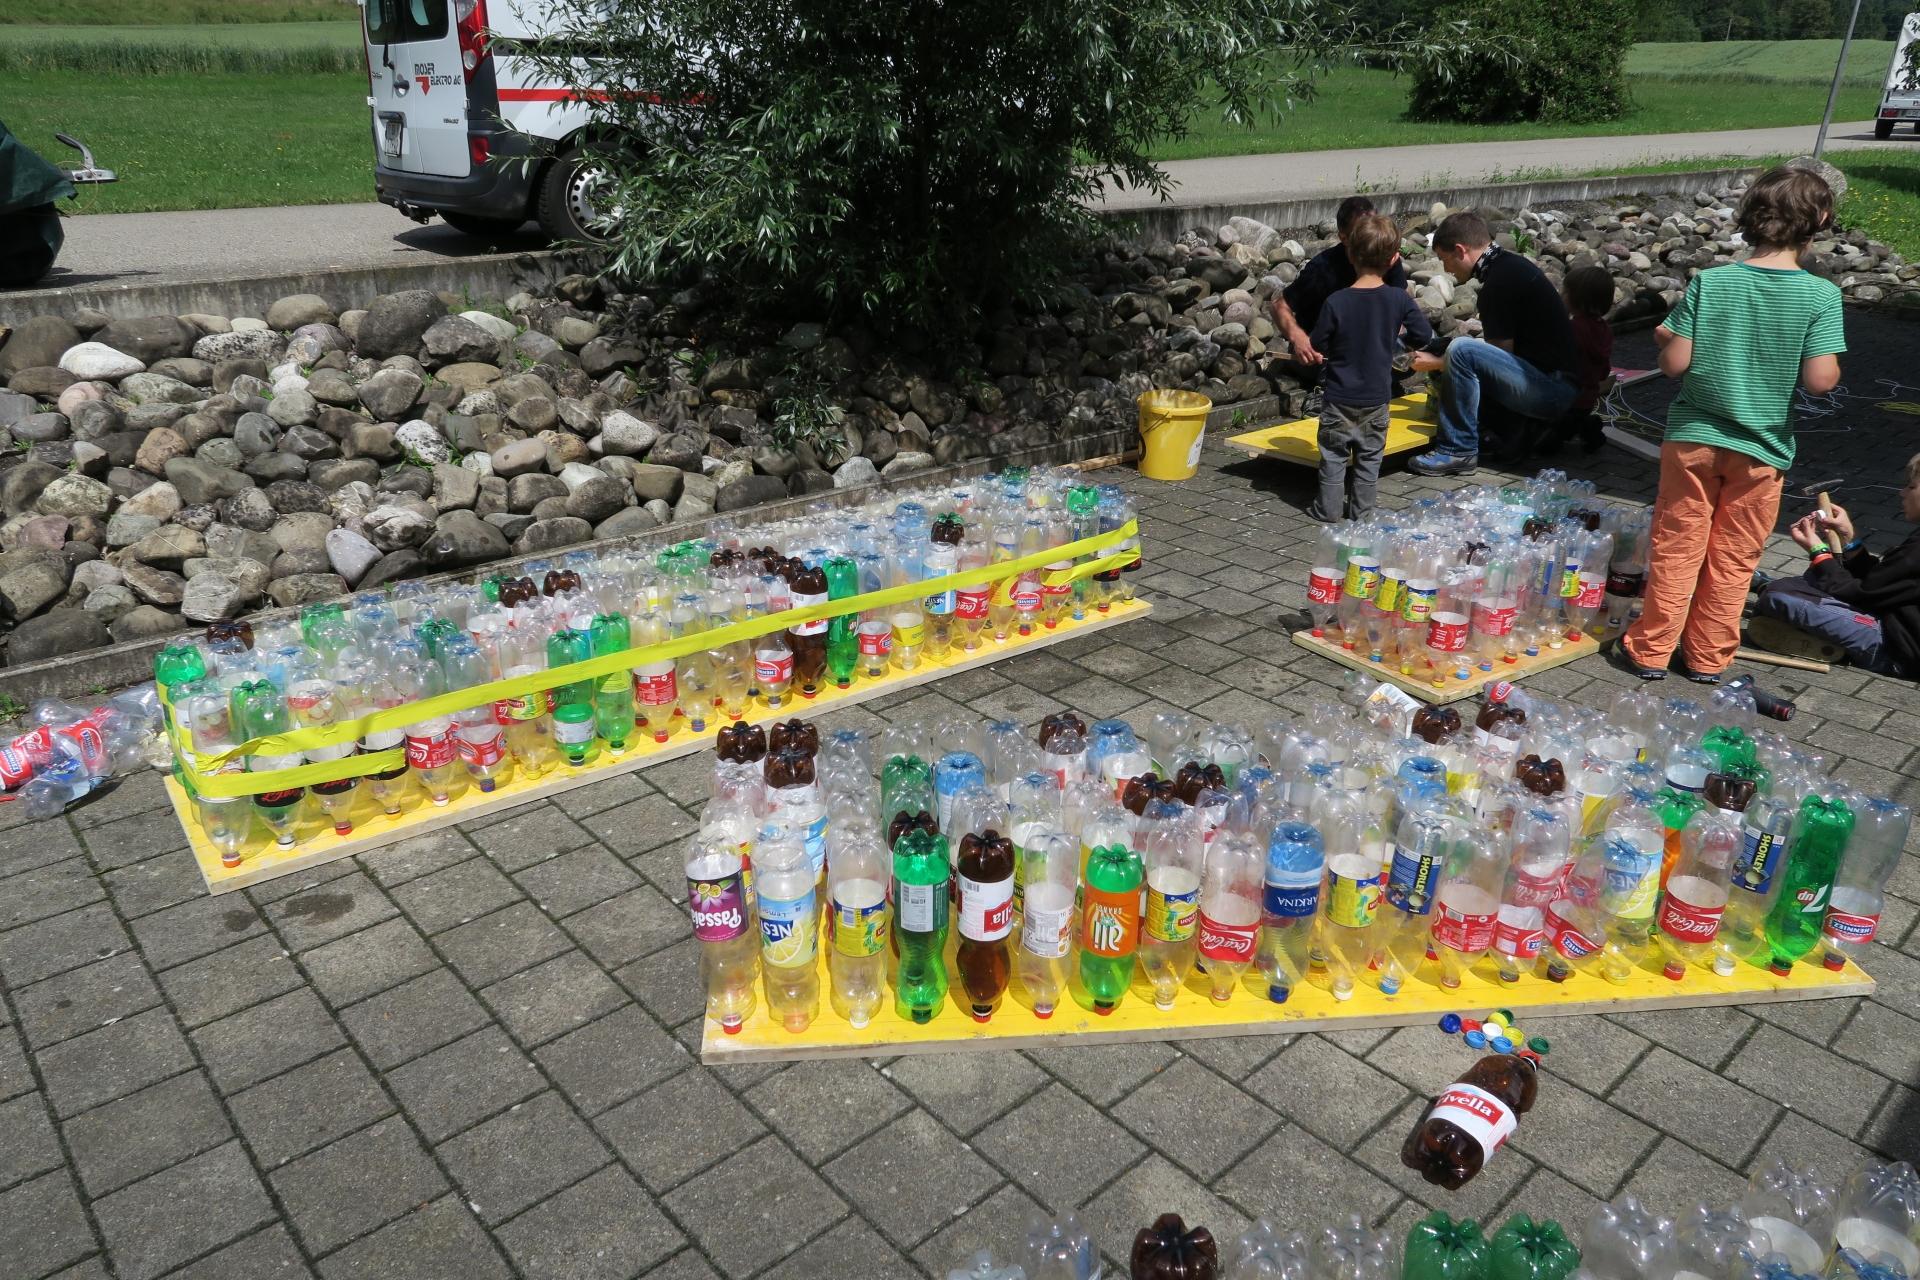 9 Vater 22 Kinder Und 680 Pet Flaschen Gachlingen Lohningen